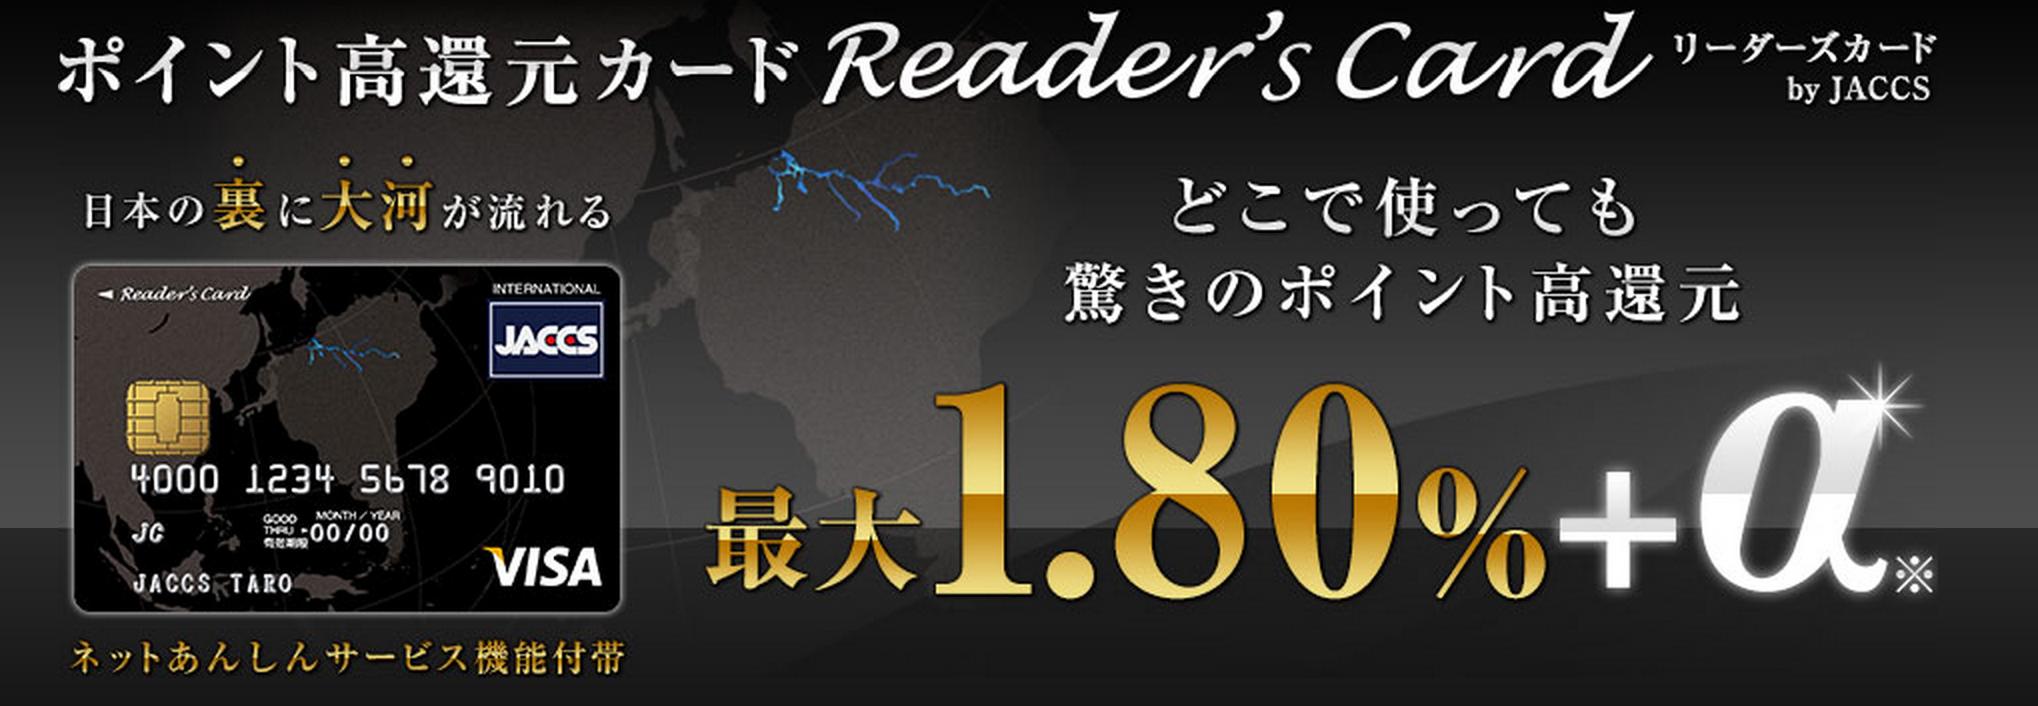 スクリーンショット 2014-10-19 21.28.04